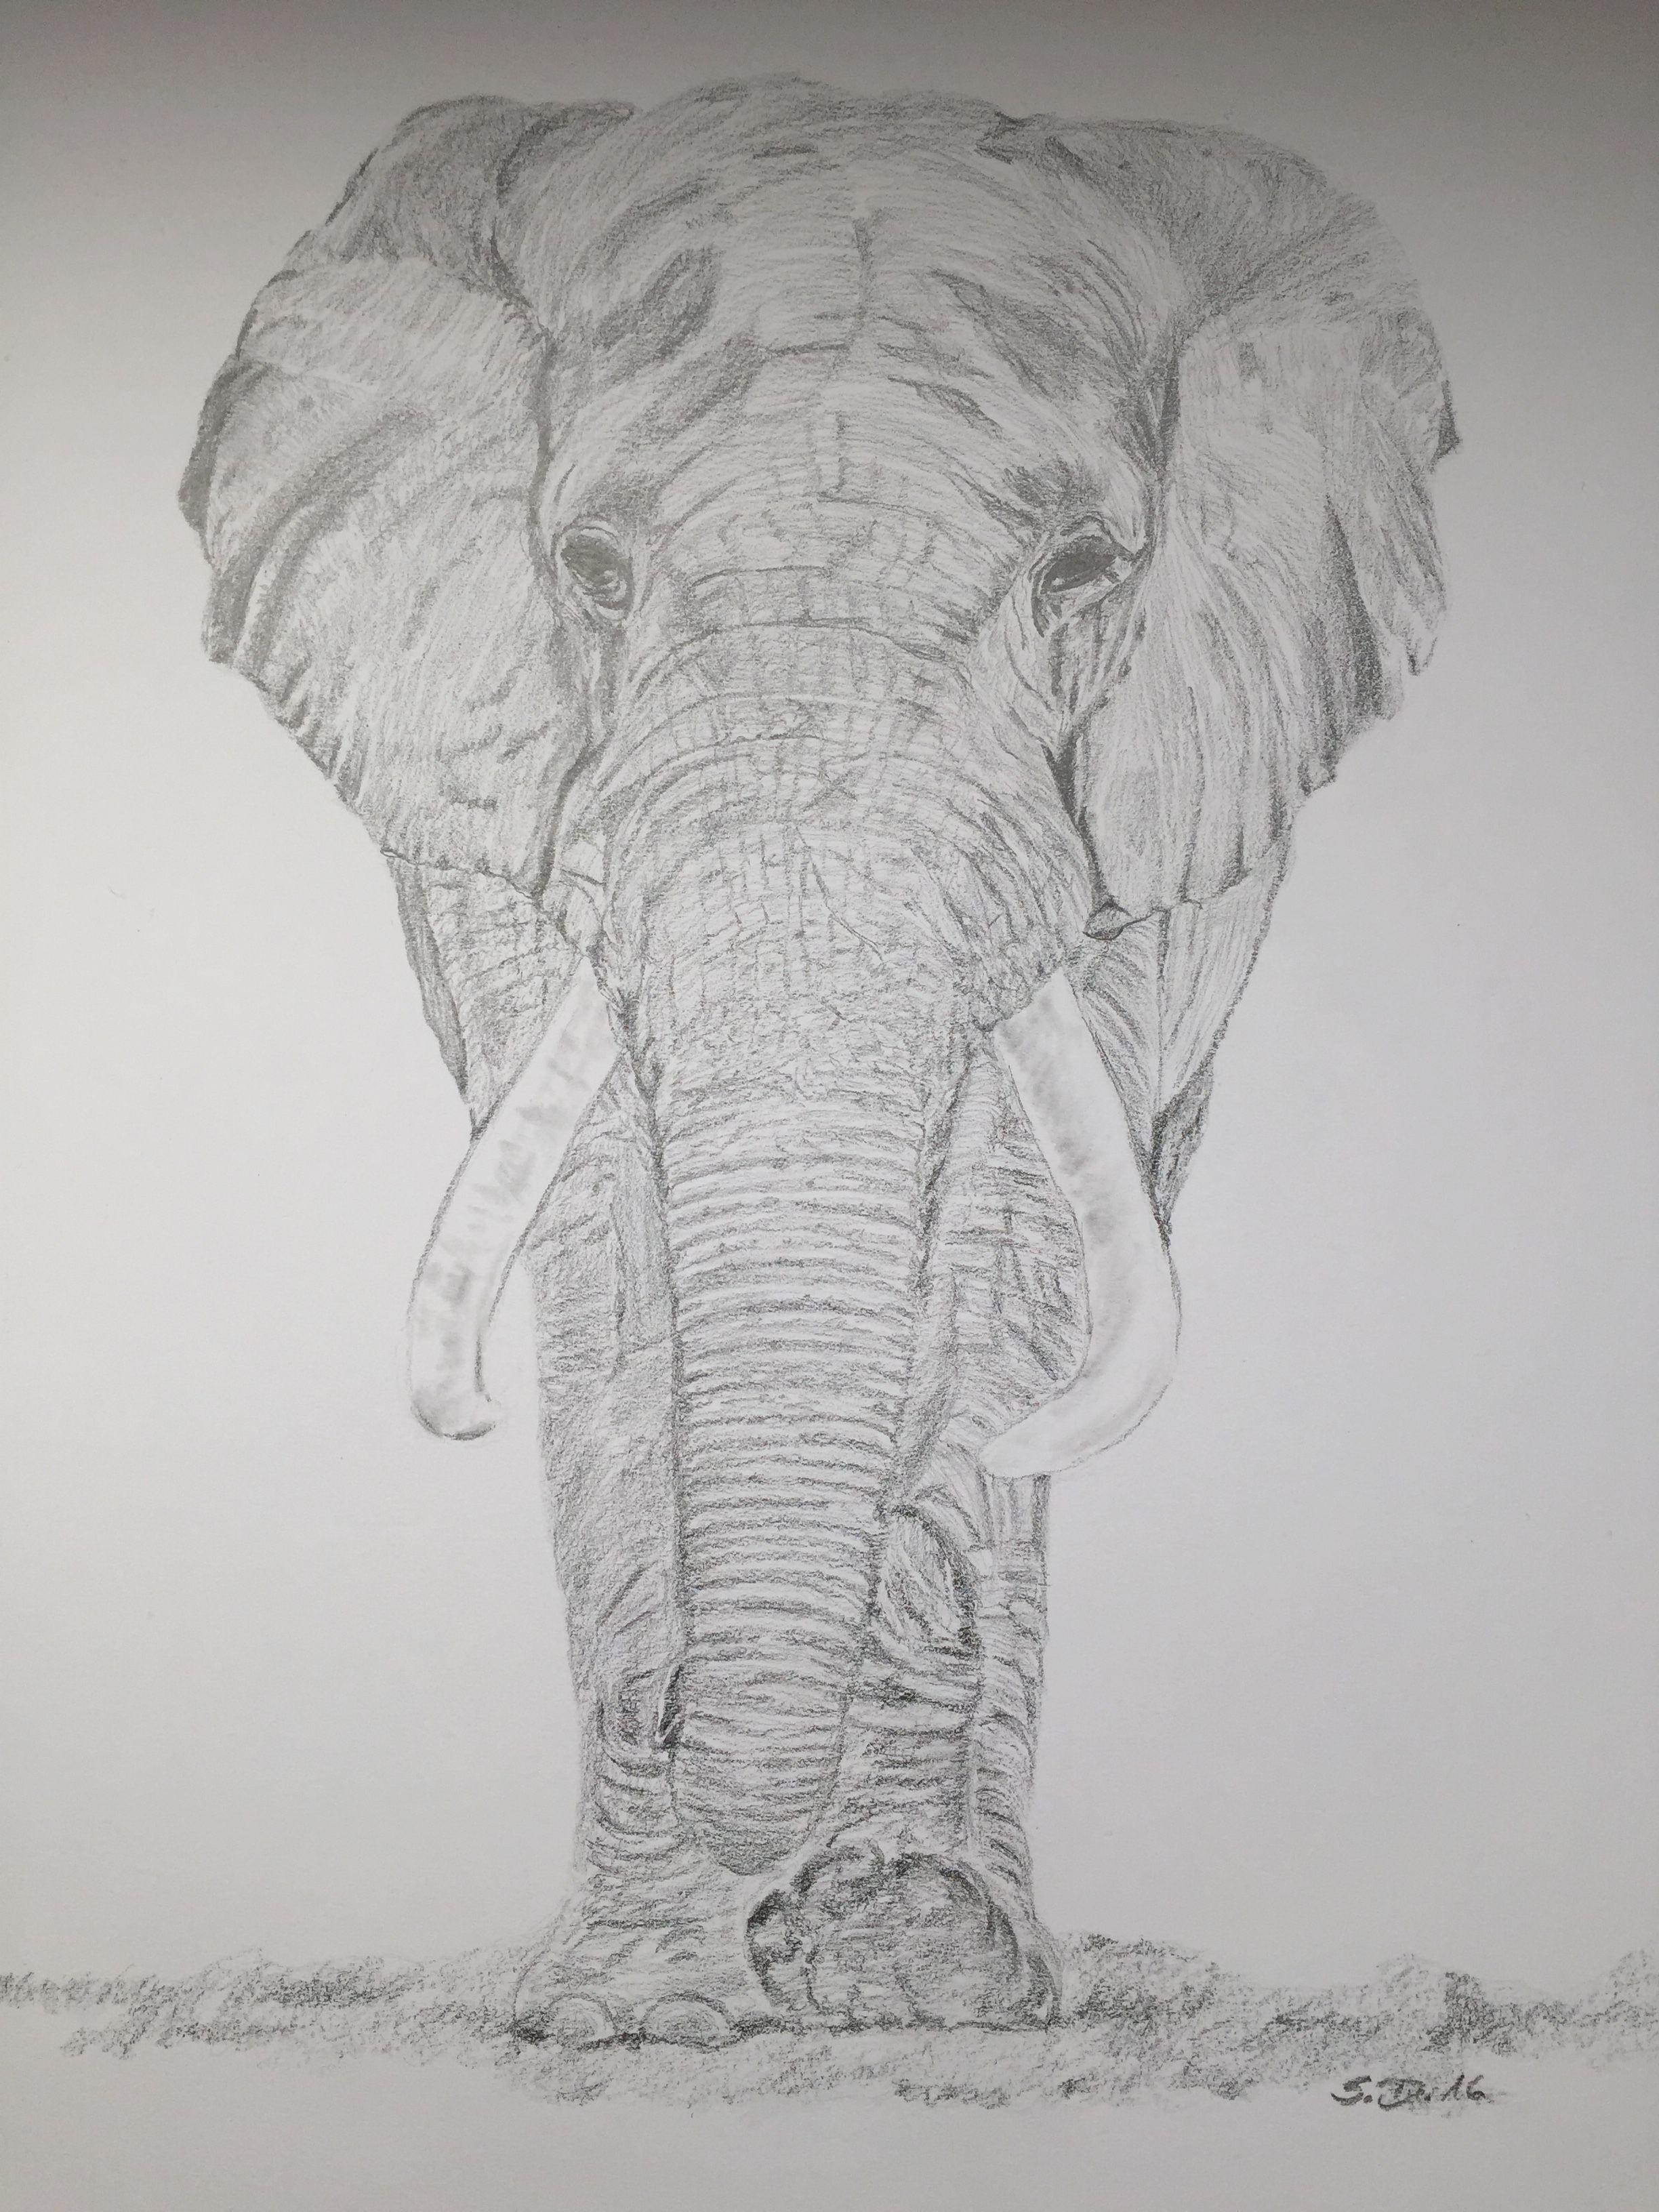 Elefant Zum Ausdrucken Das Beste Von Bayern Ausmalbilder Neu Igel Grundschule 0d Archives Uploadertalk Fotos